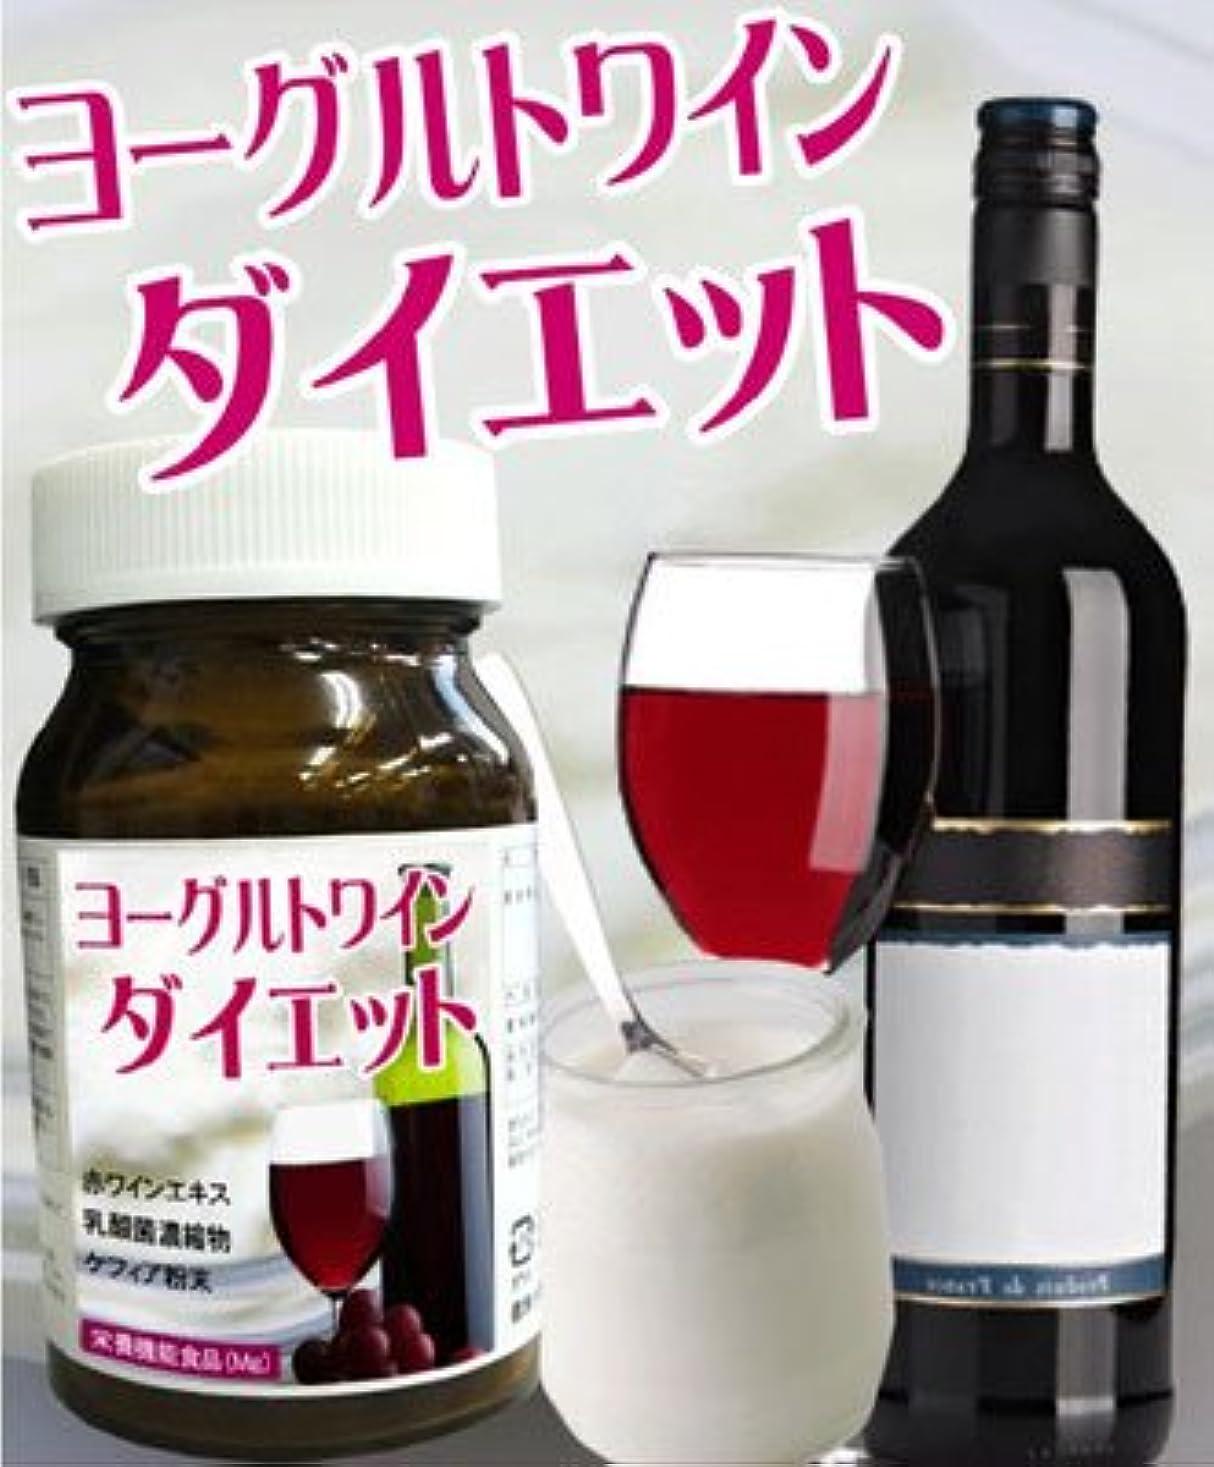 びっくりギャロップ定義するヨーグルトワインダイエット